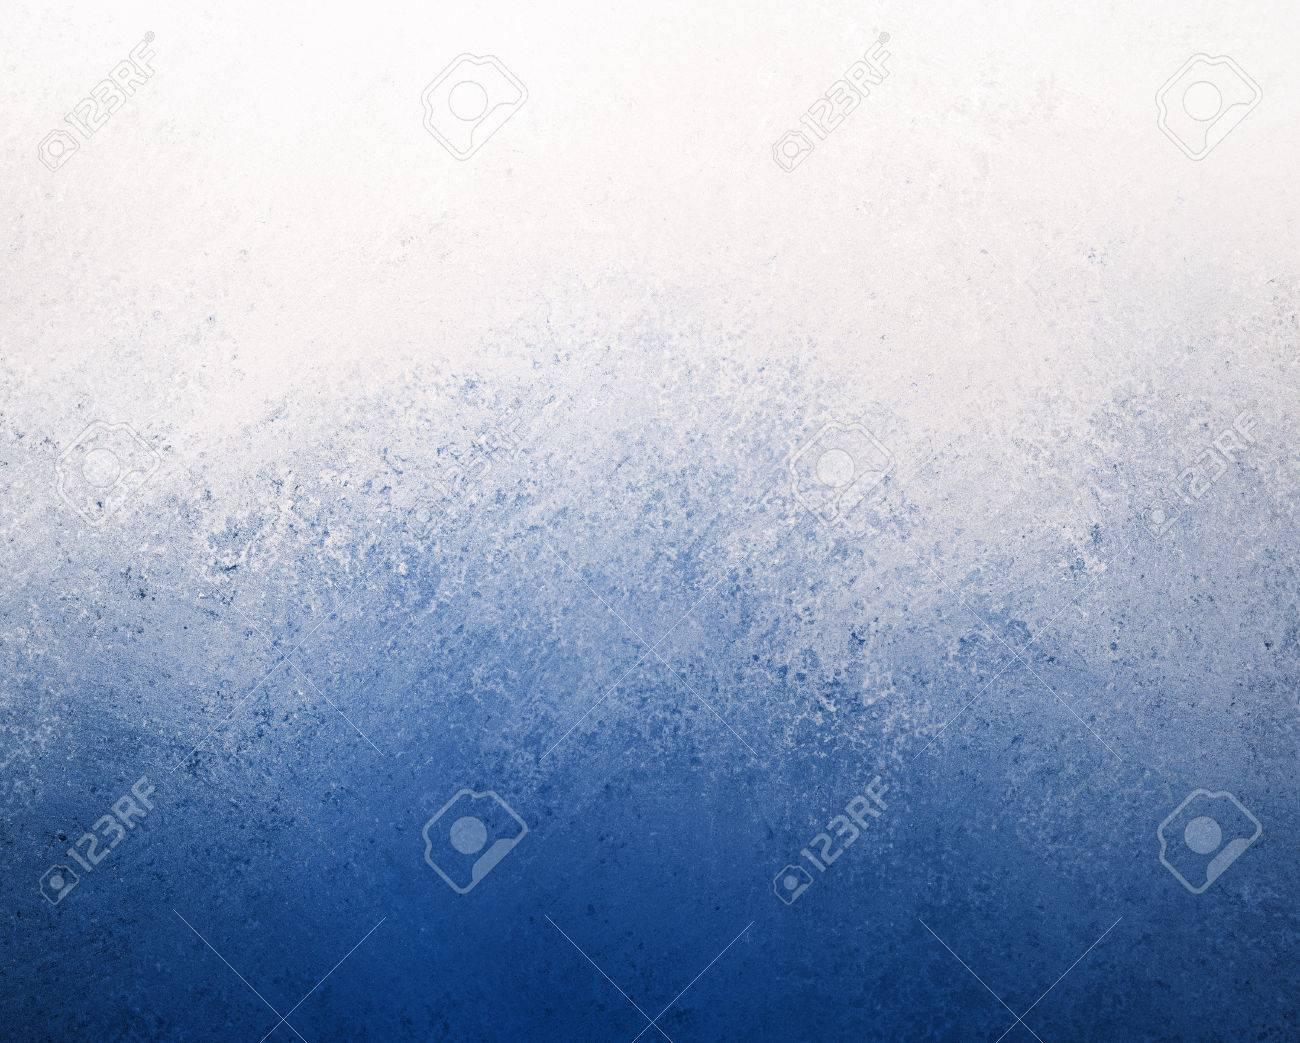 Fond Bleu Blanc Bordure Inferieure Bleu Fonce Et Blanc Trouble Top